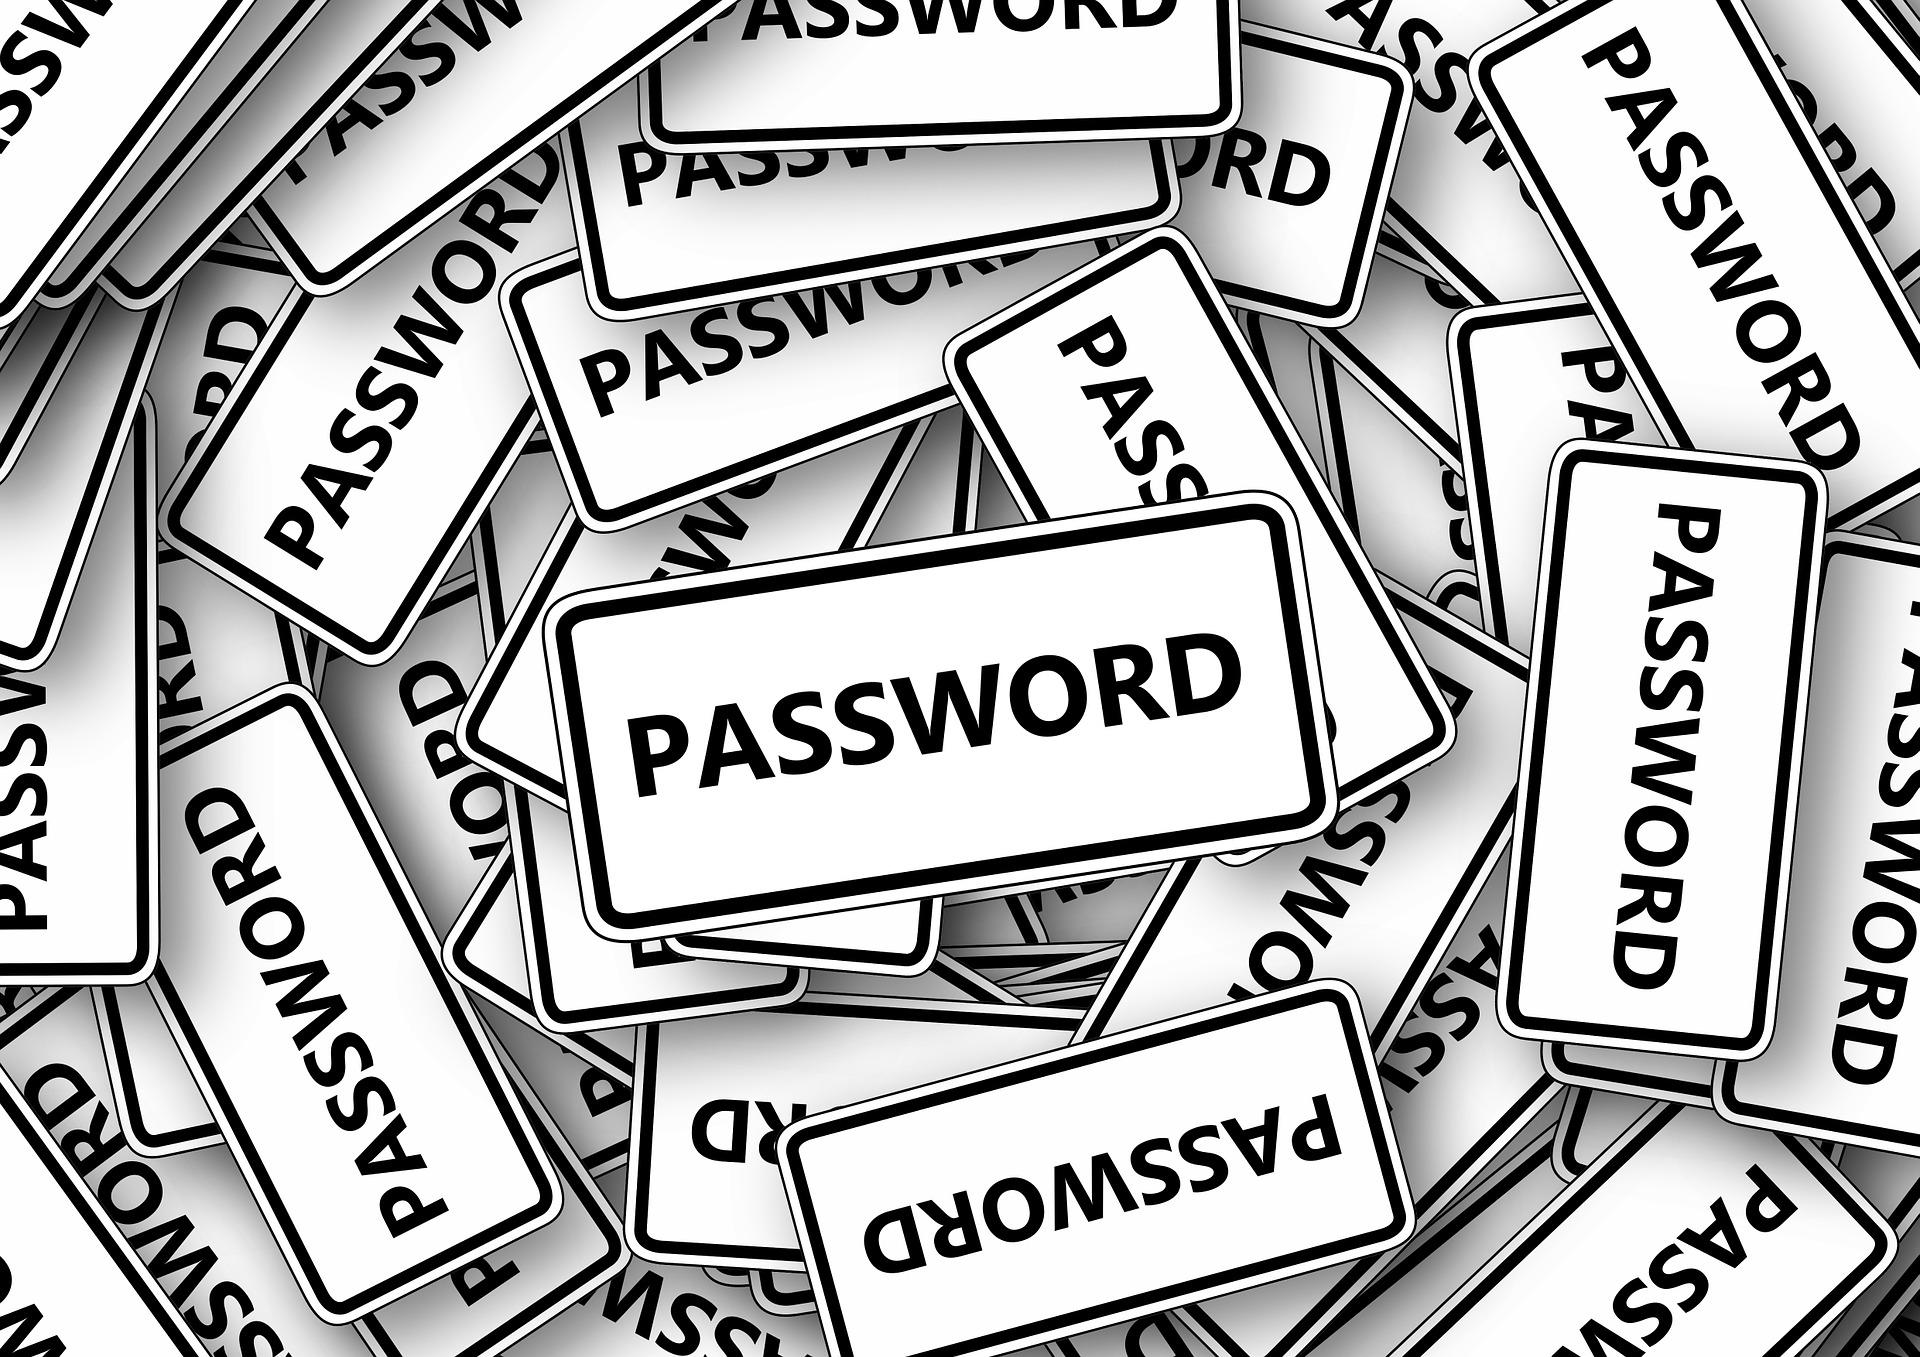 Les Français sont loin d'être des génies du mot de passe